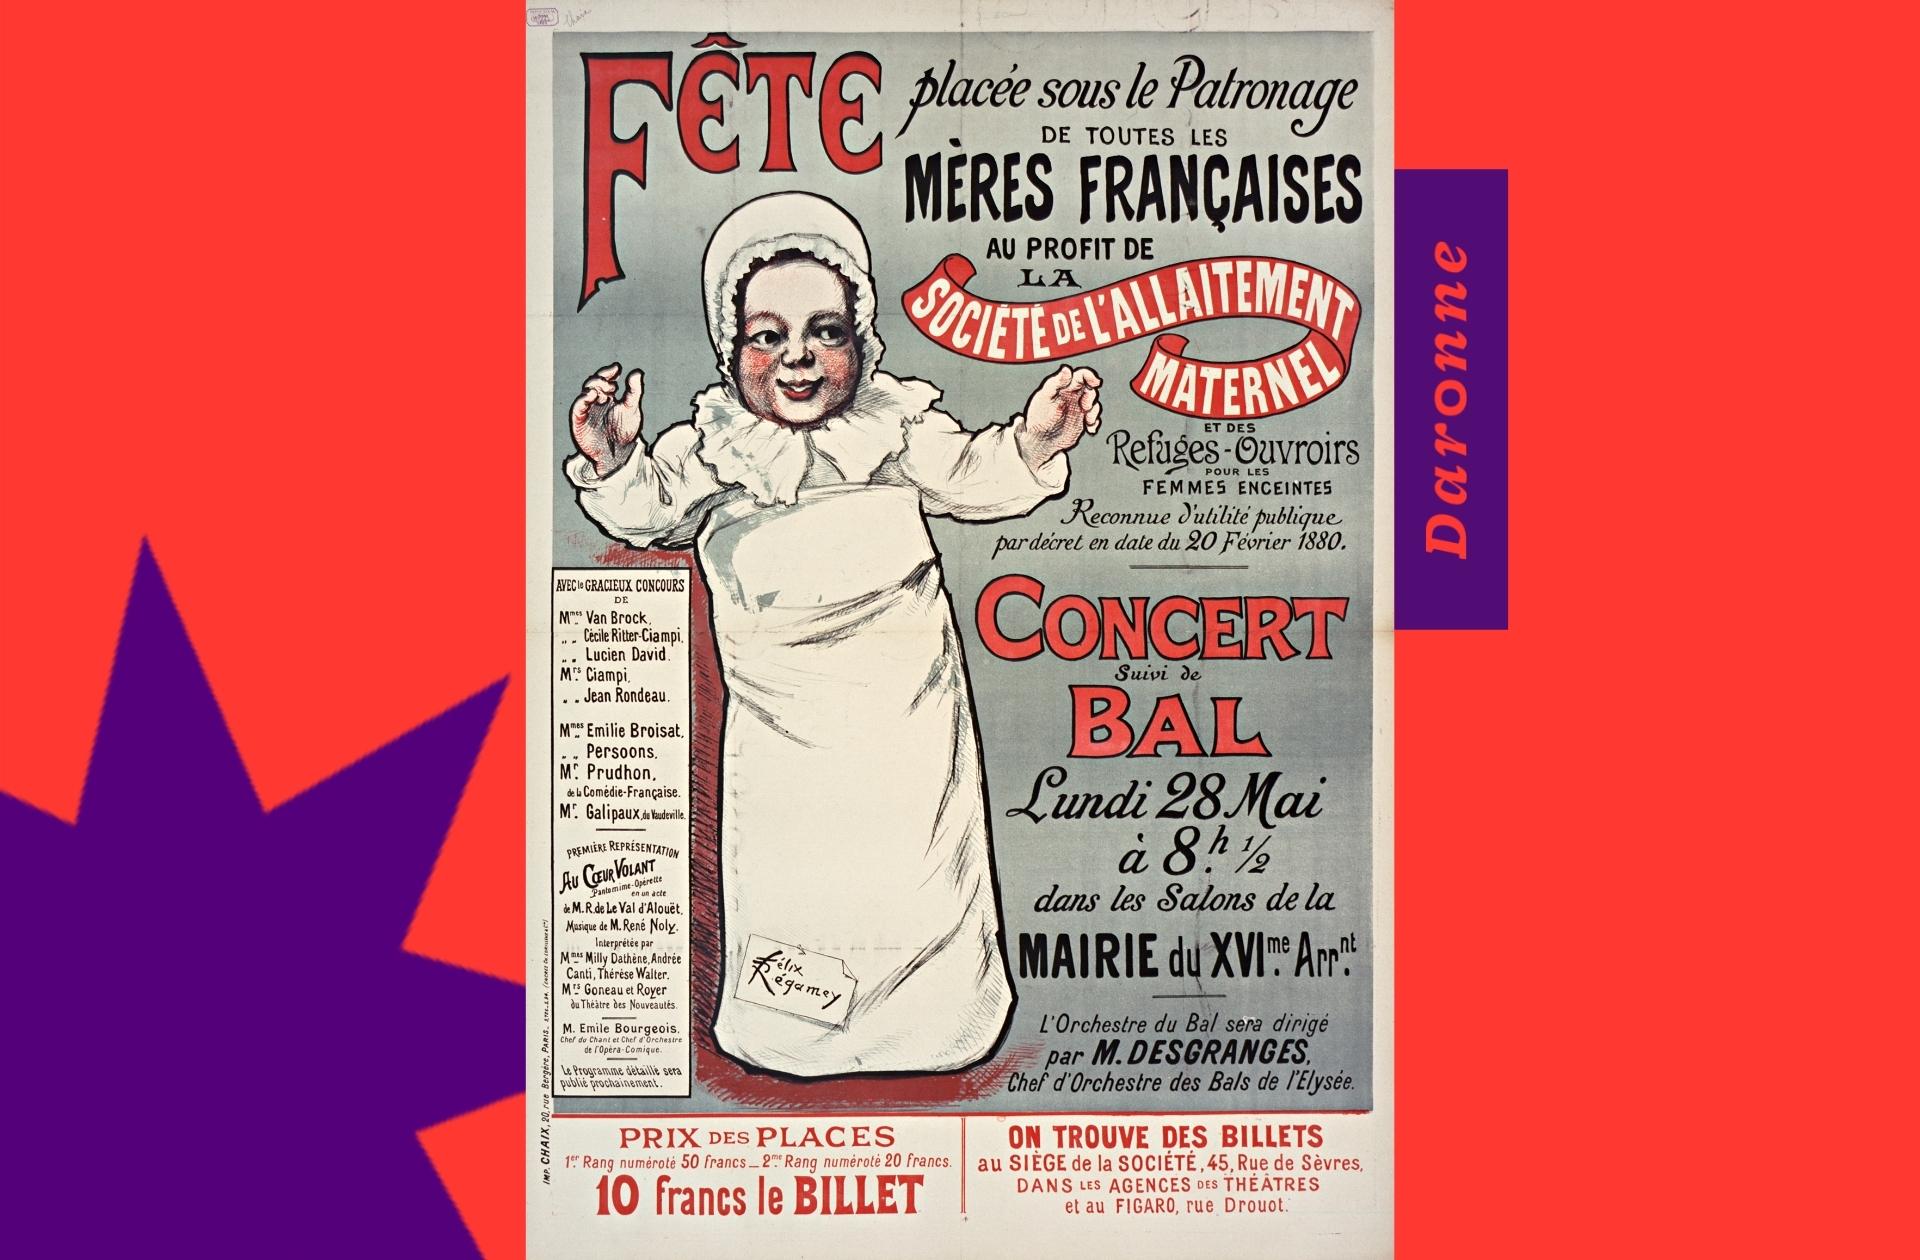 Comment la fête des Mères s'est développée en France (et non, ce n'est pas que la faute de Pétain)